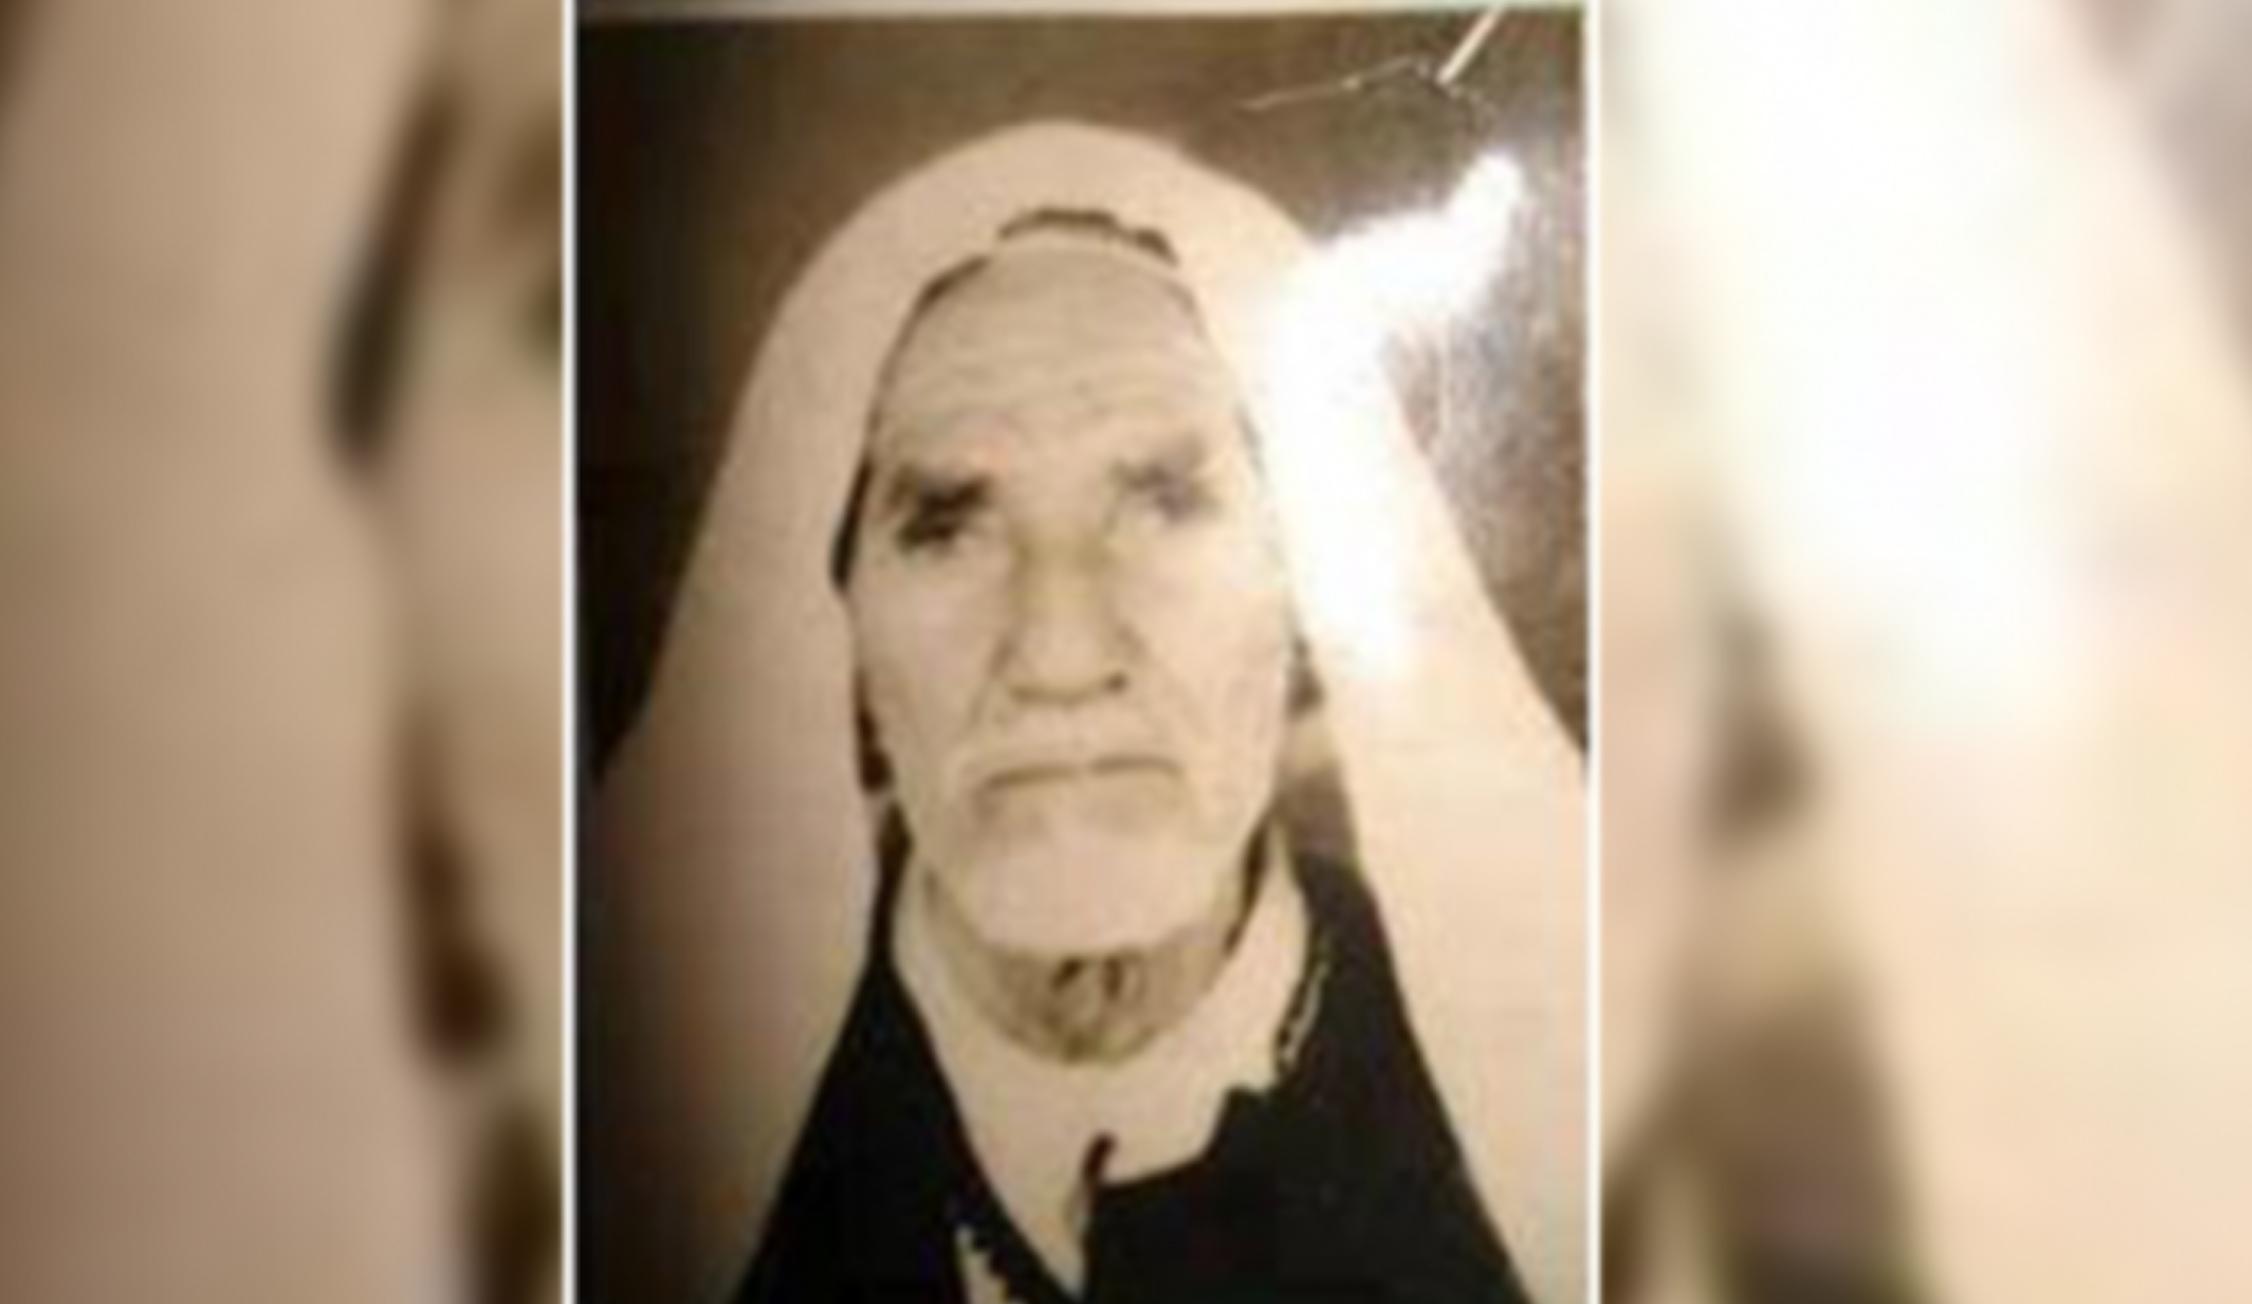 المجاهد سليمان صالح عبدالرحمن بومطاري الزوي